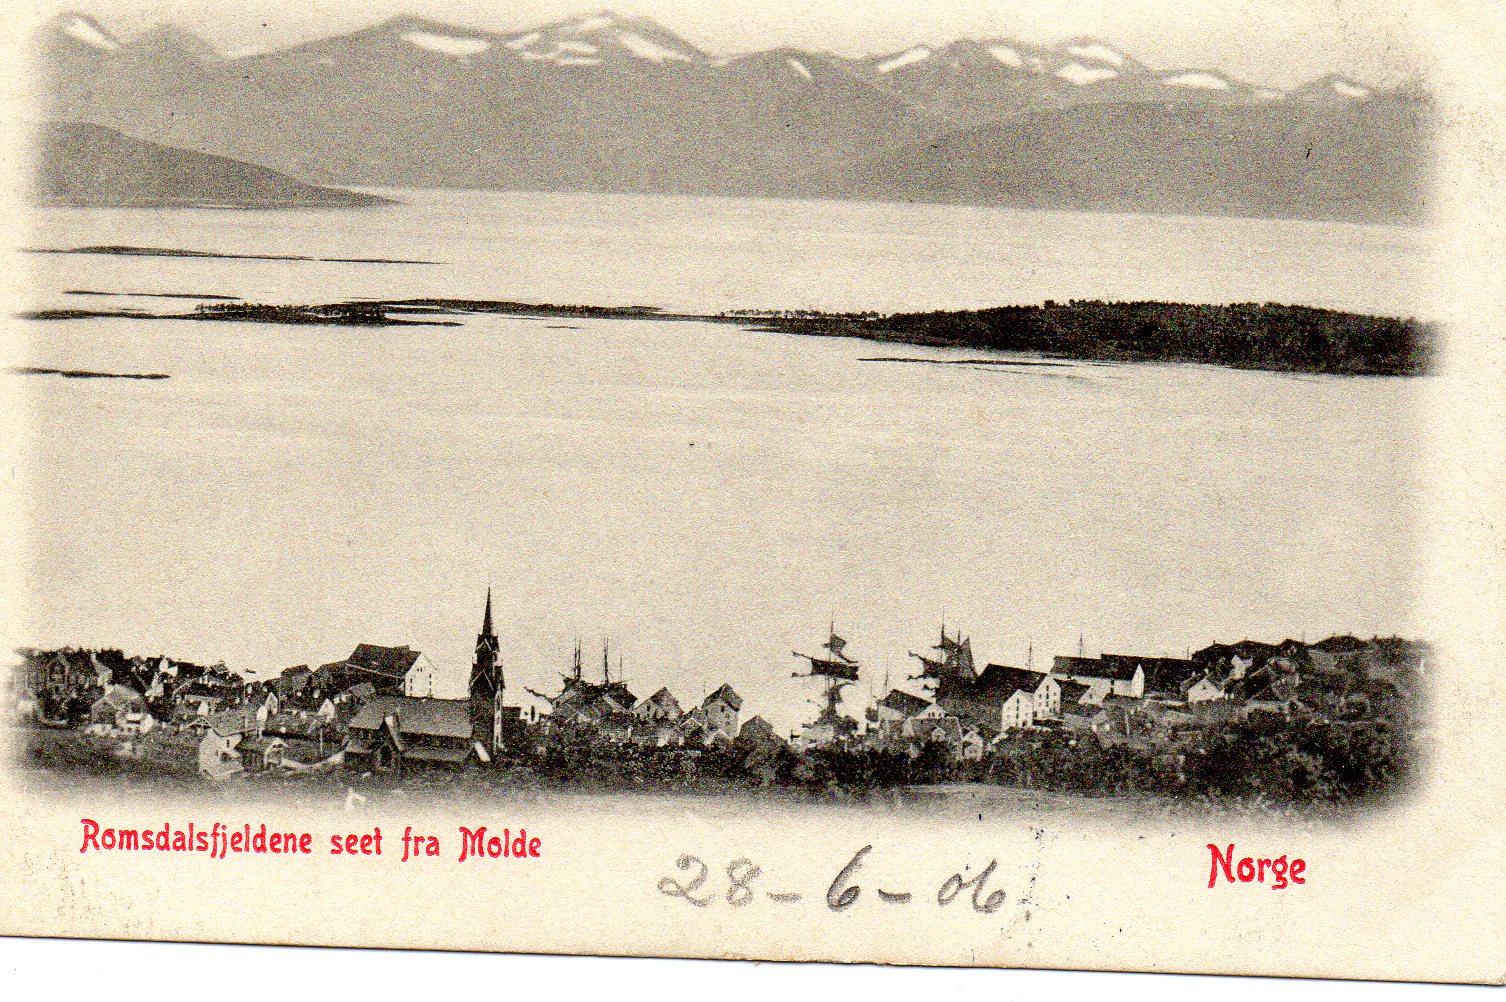 Romsdalsfjeldene set fra Molde